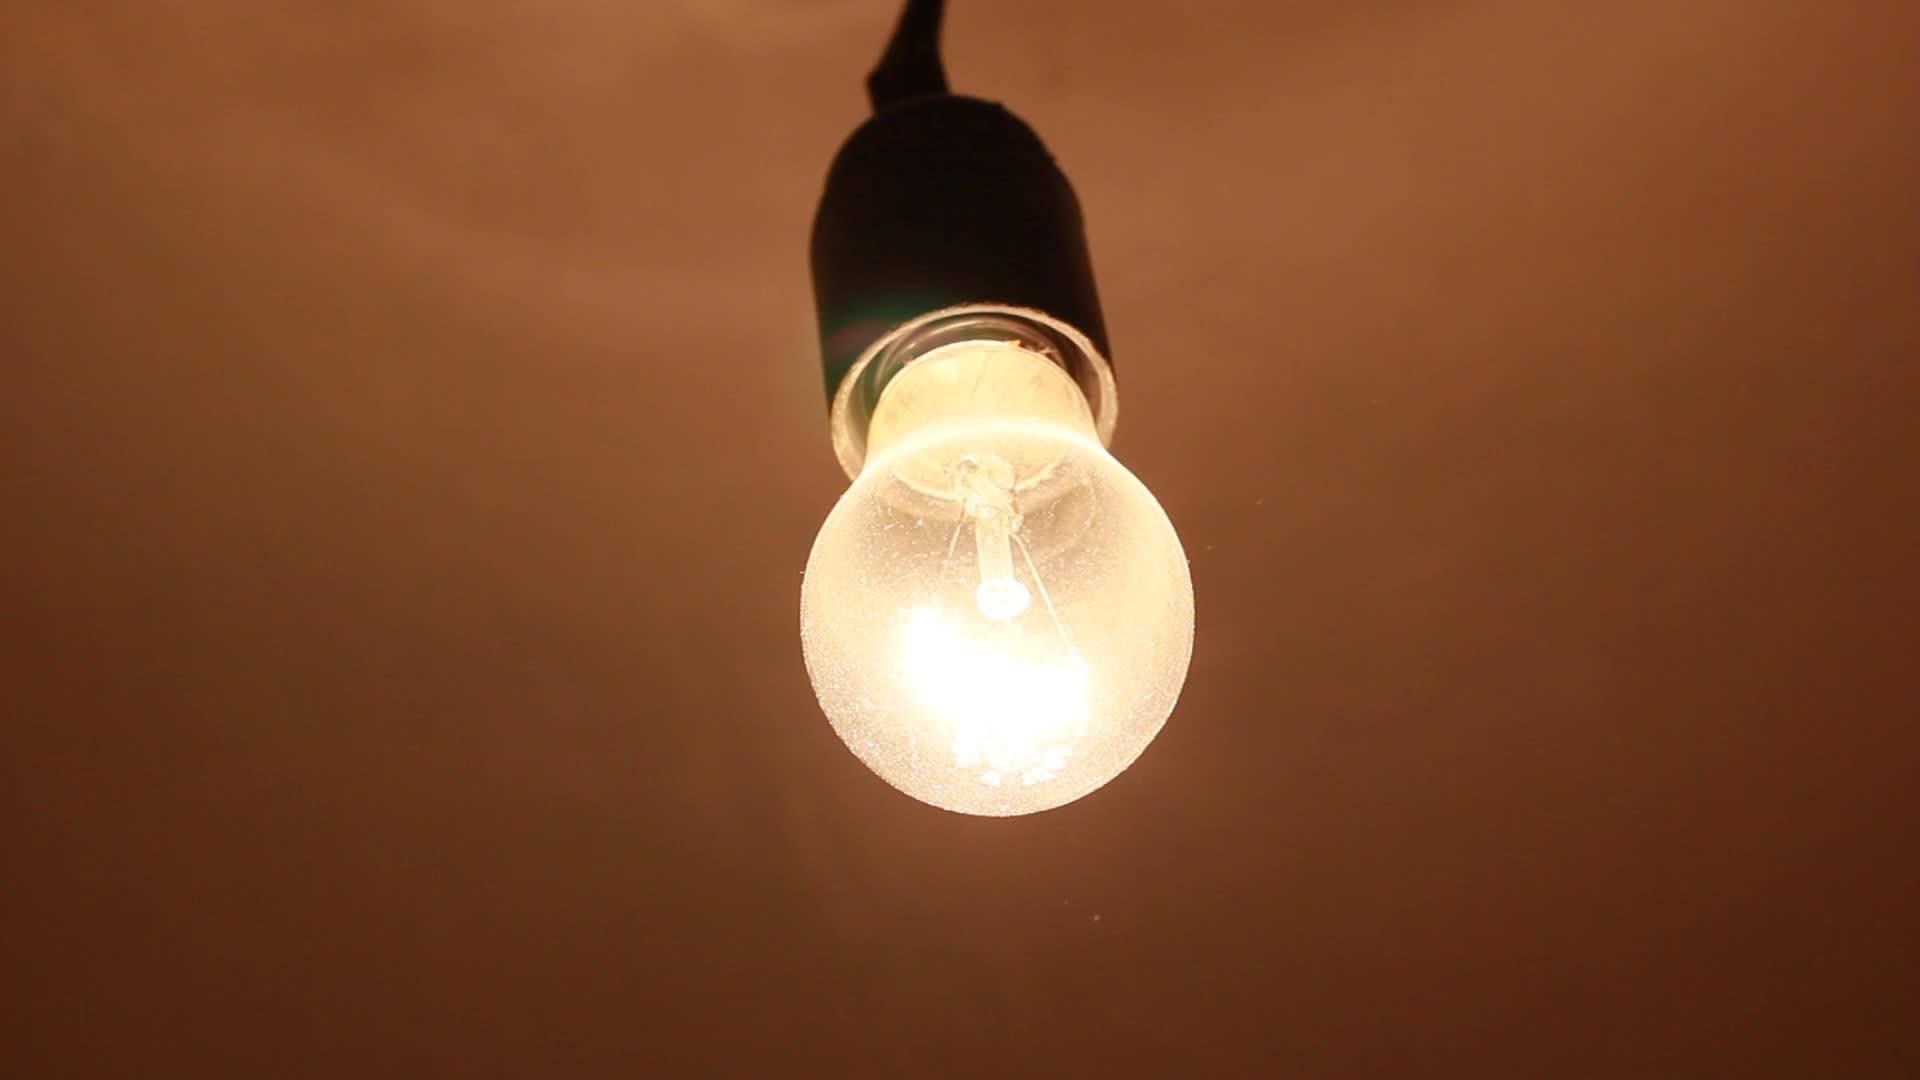 Какой светильник установить в подъезд многоквартирного дома?